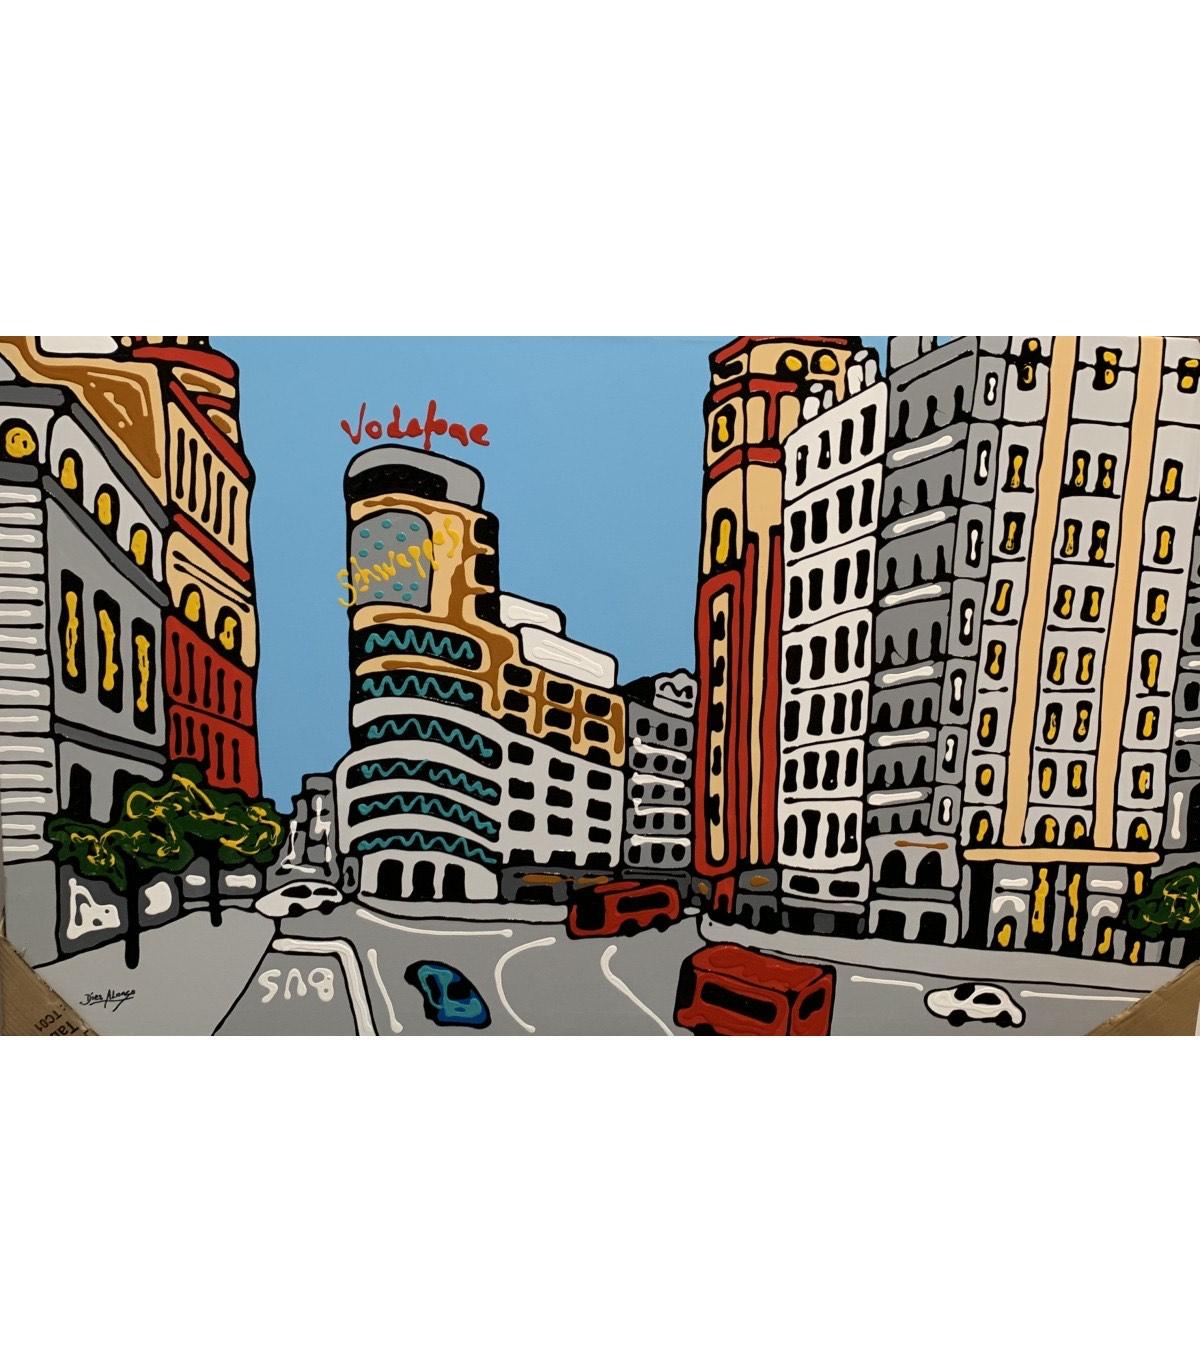 Oferta en cuadros de Madrid - Pinturas Made in Spain